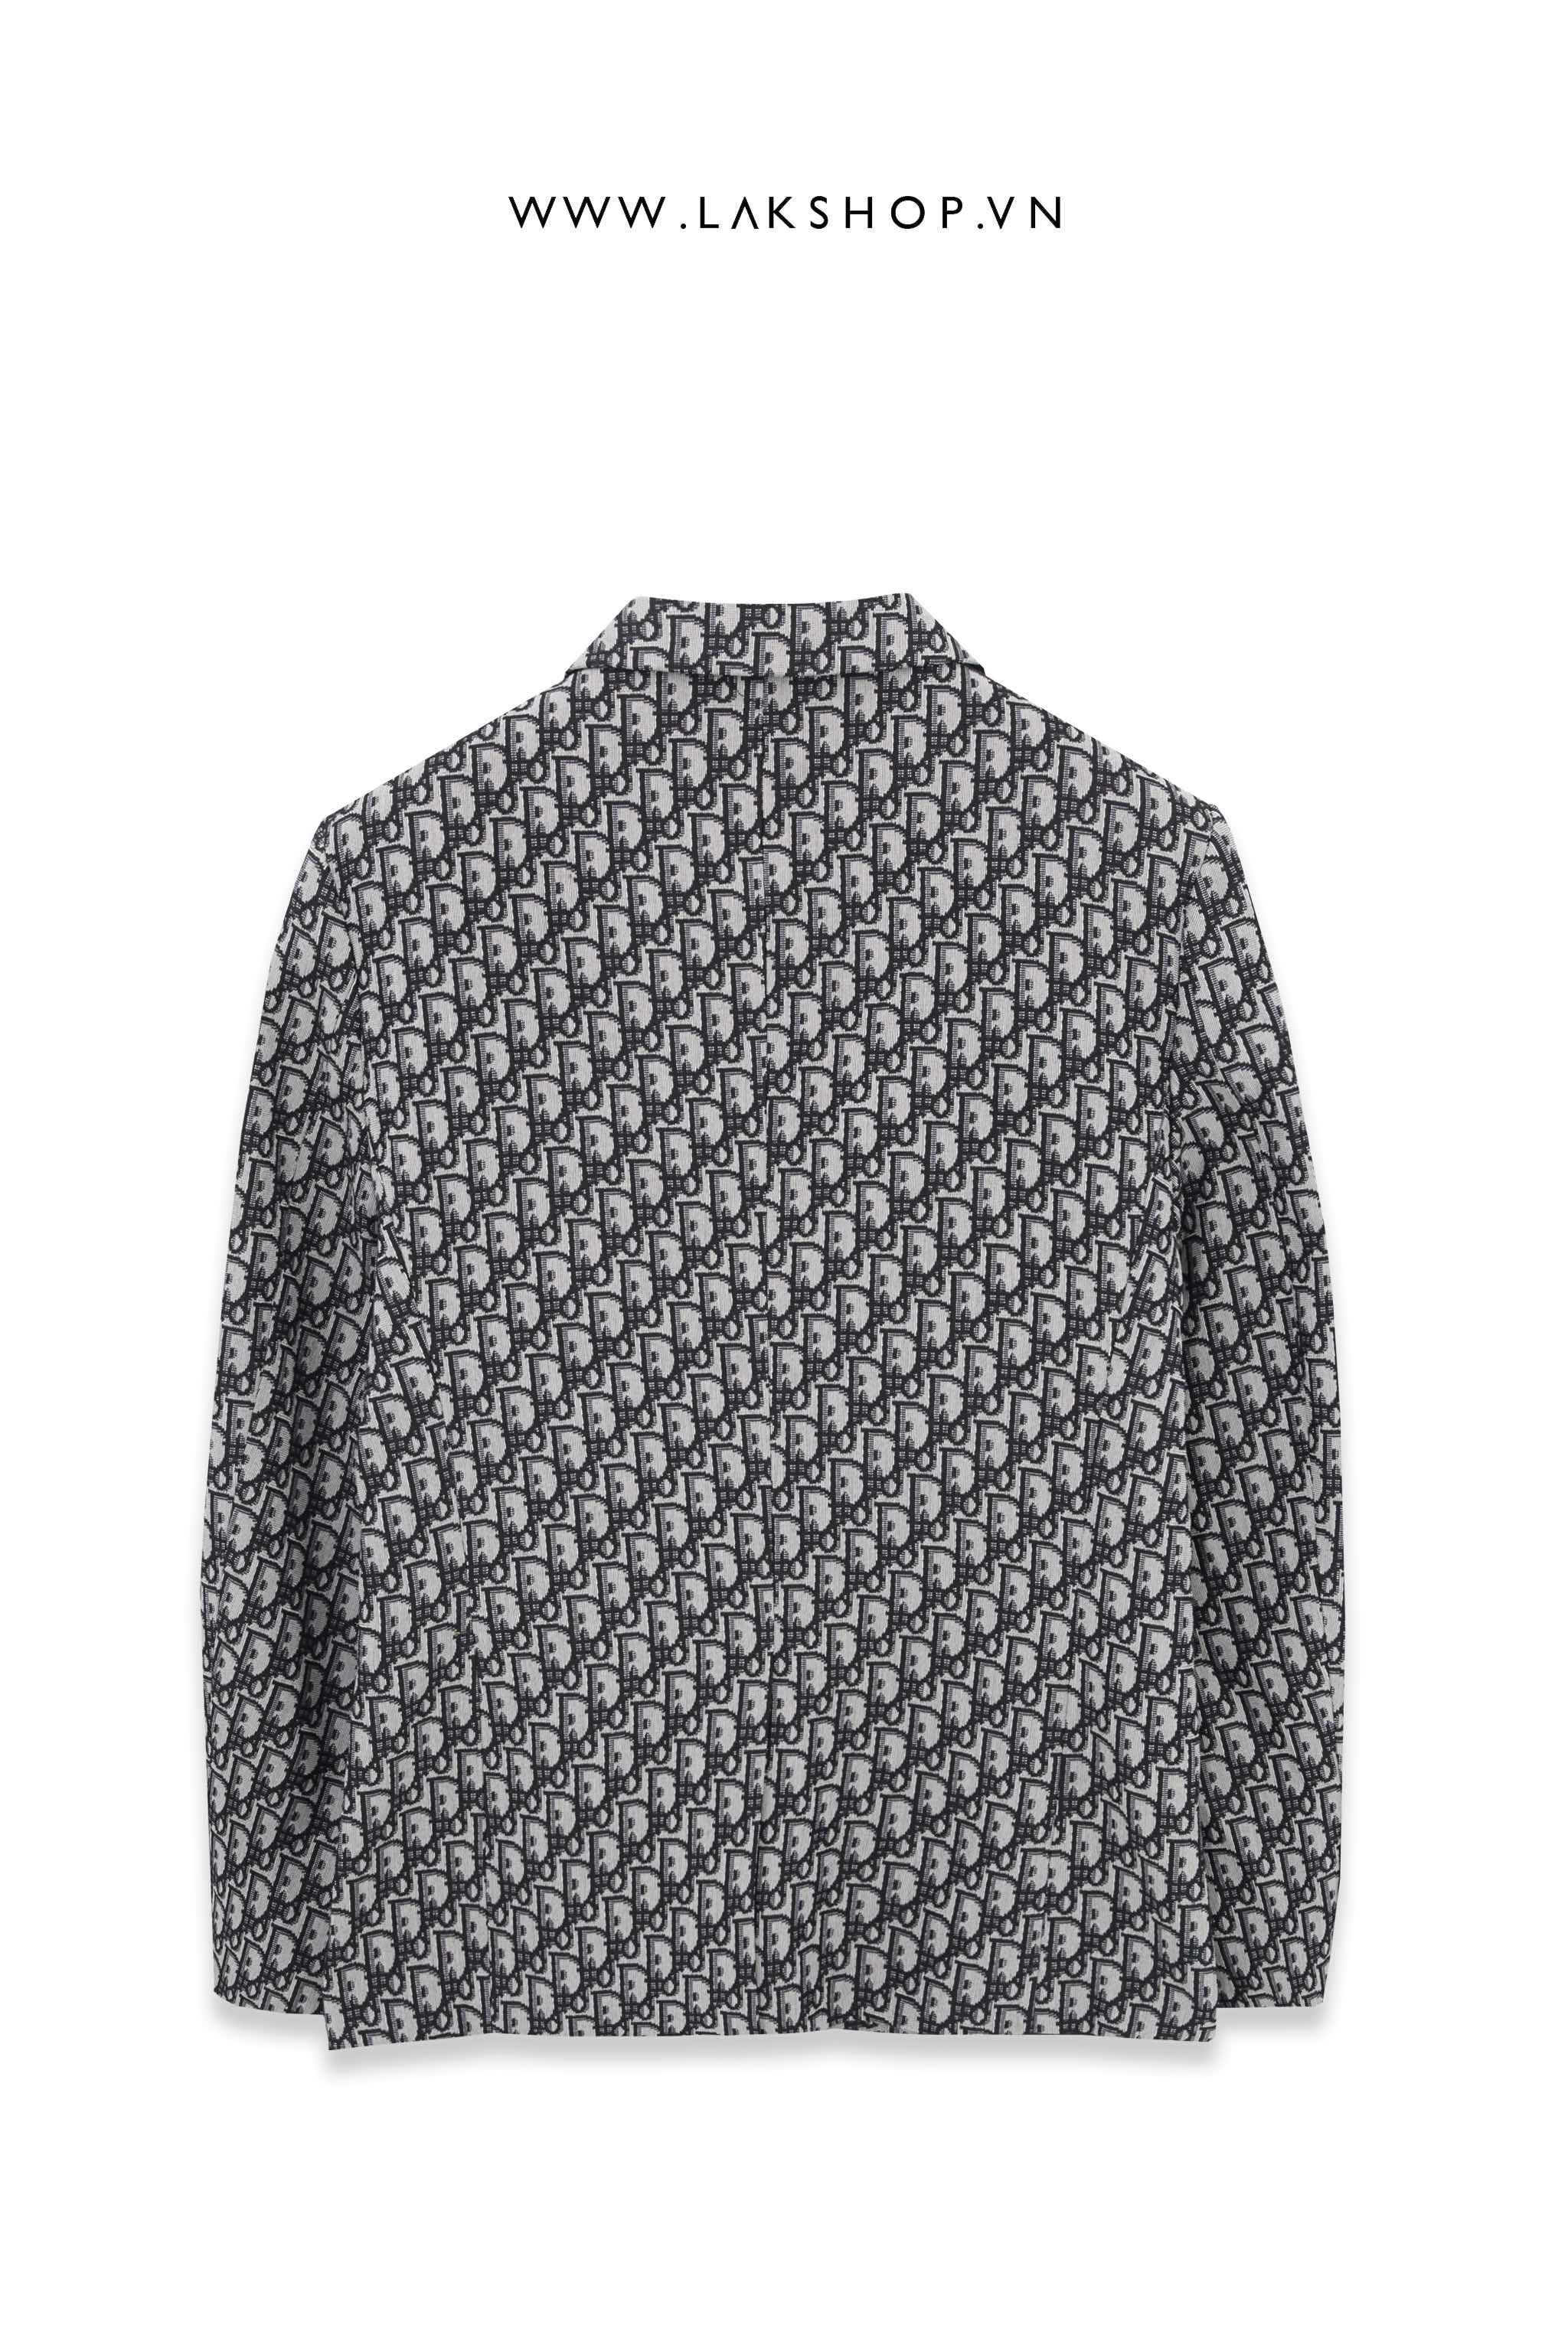 Dior Oblique White T-shirt cv2